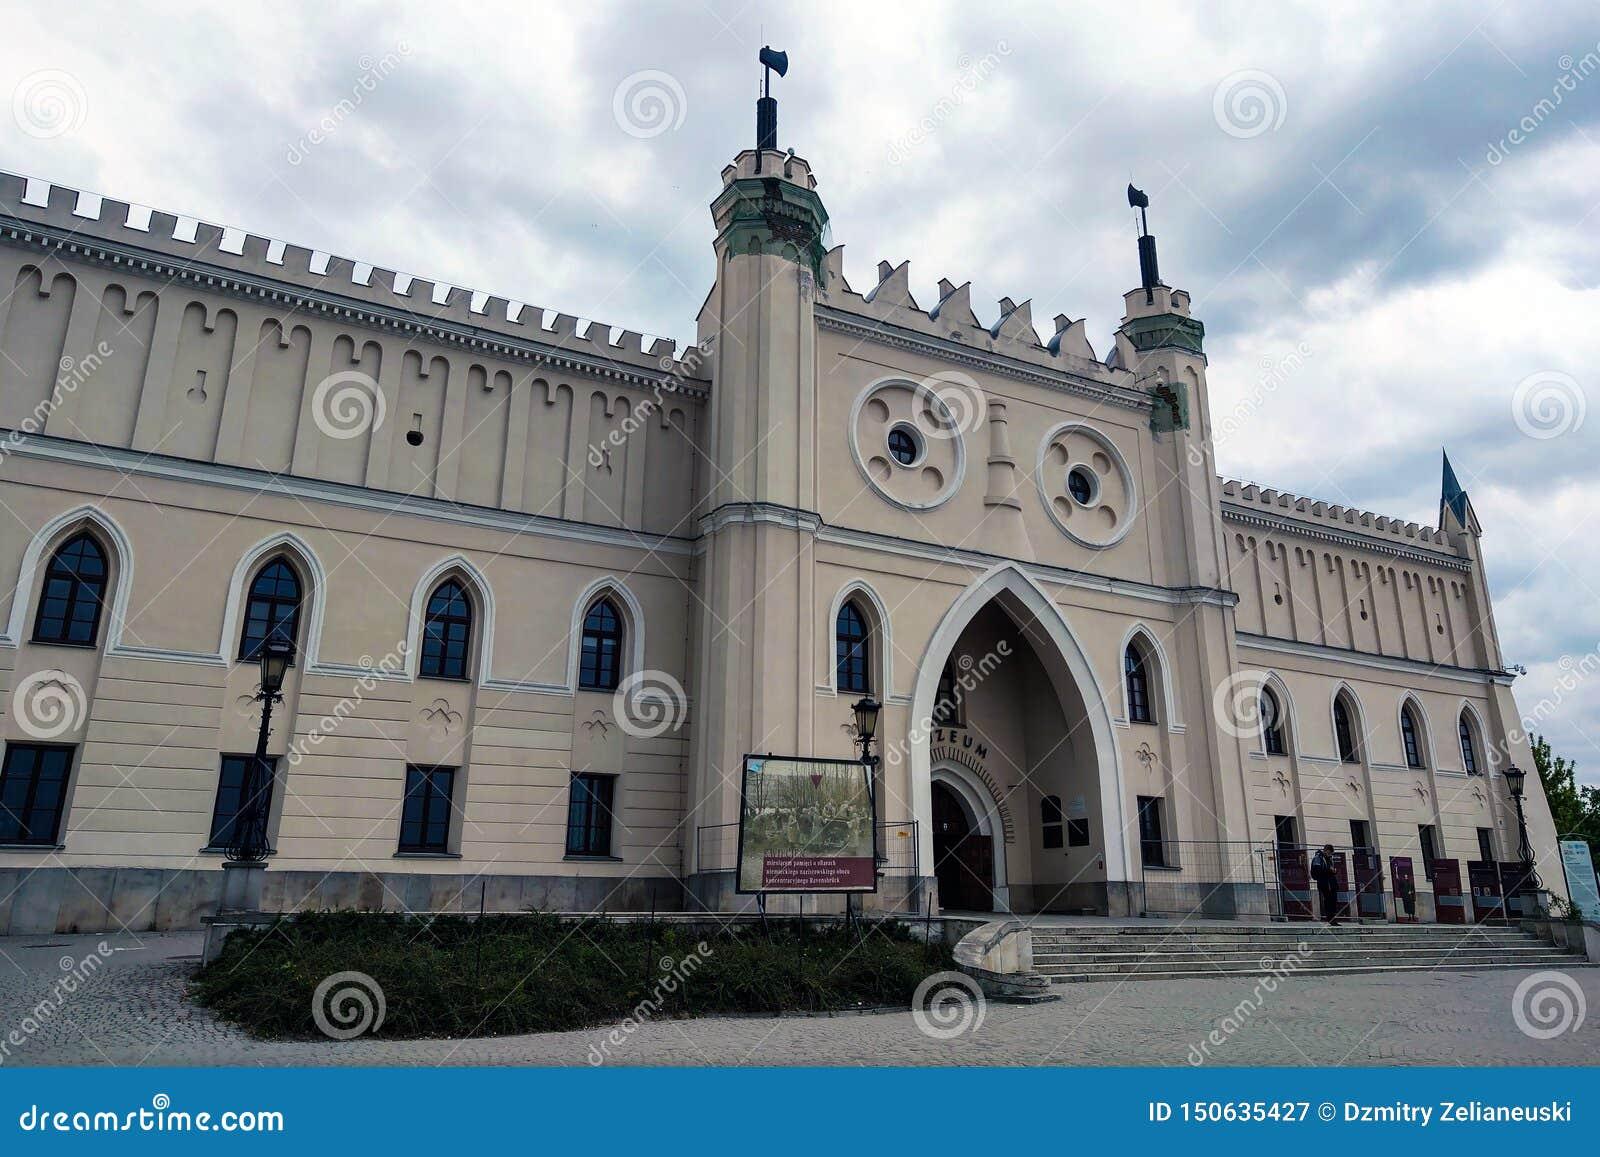 Lublin, Polonia - 14 de mayo de 2019: Castillo de Lublin - un castillo real anterior y un fortalecimiento construidos en el siglo